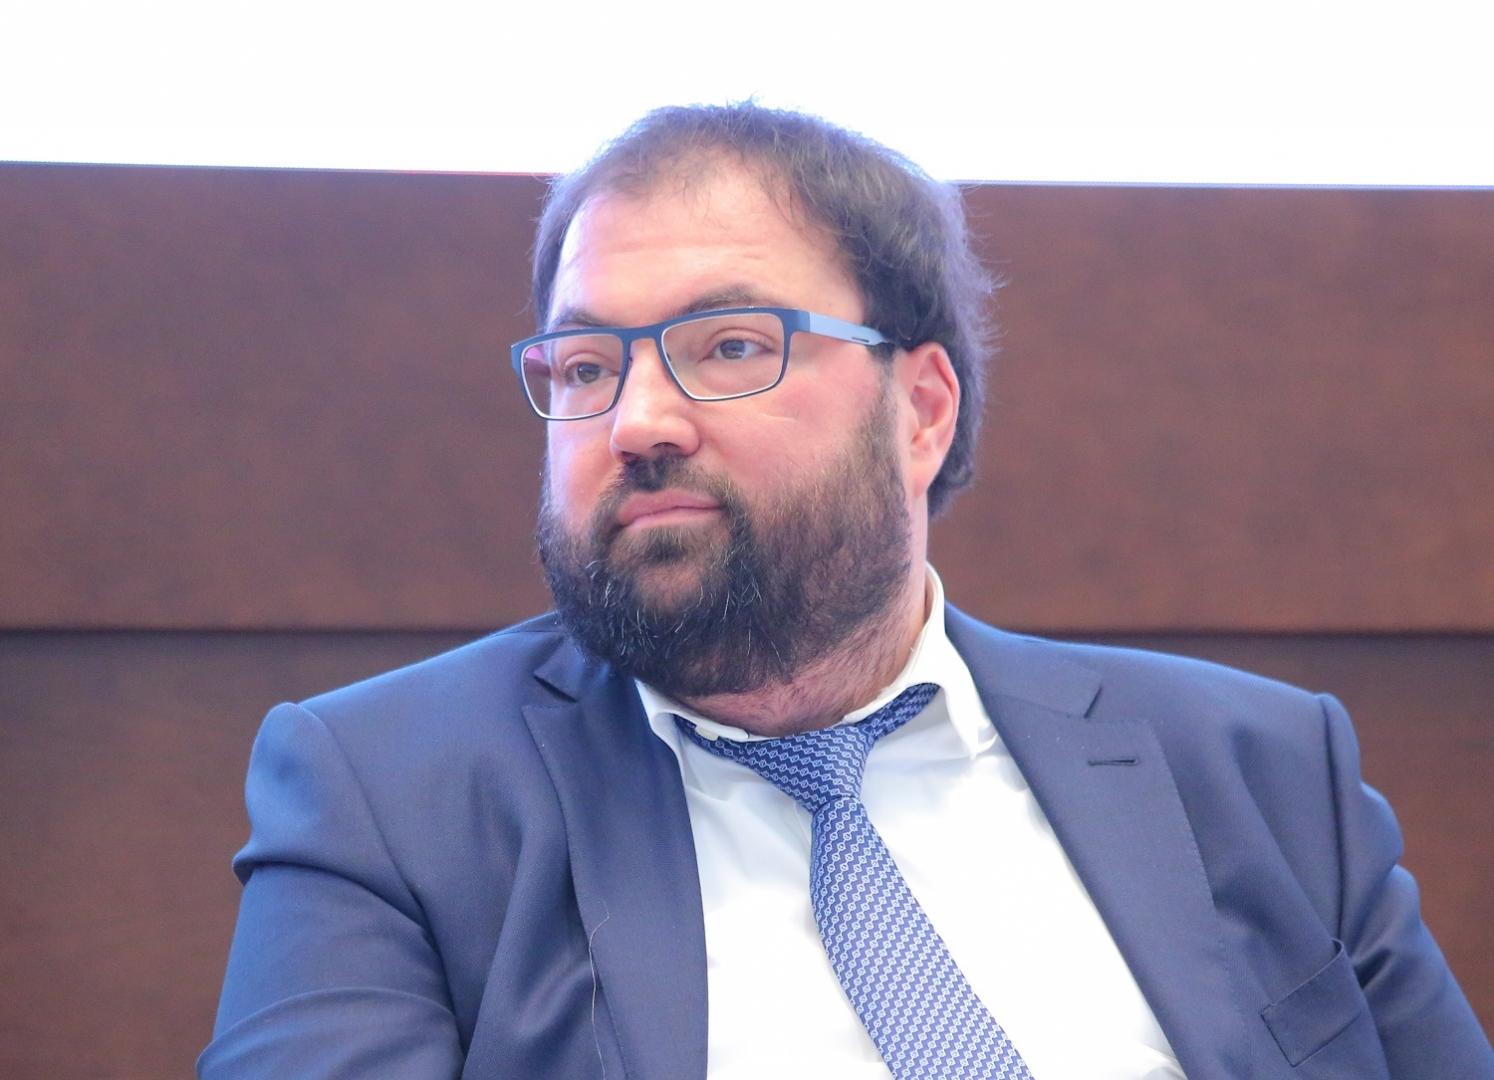 Глава Минкомсвязи назвал коронавирус окном возможностей для онлайн-сервисов